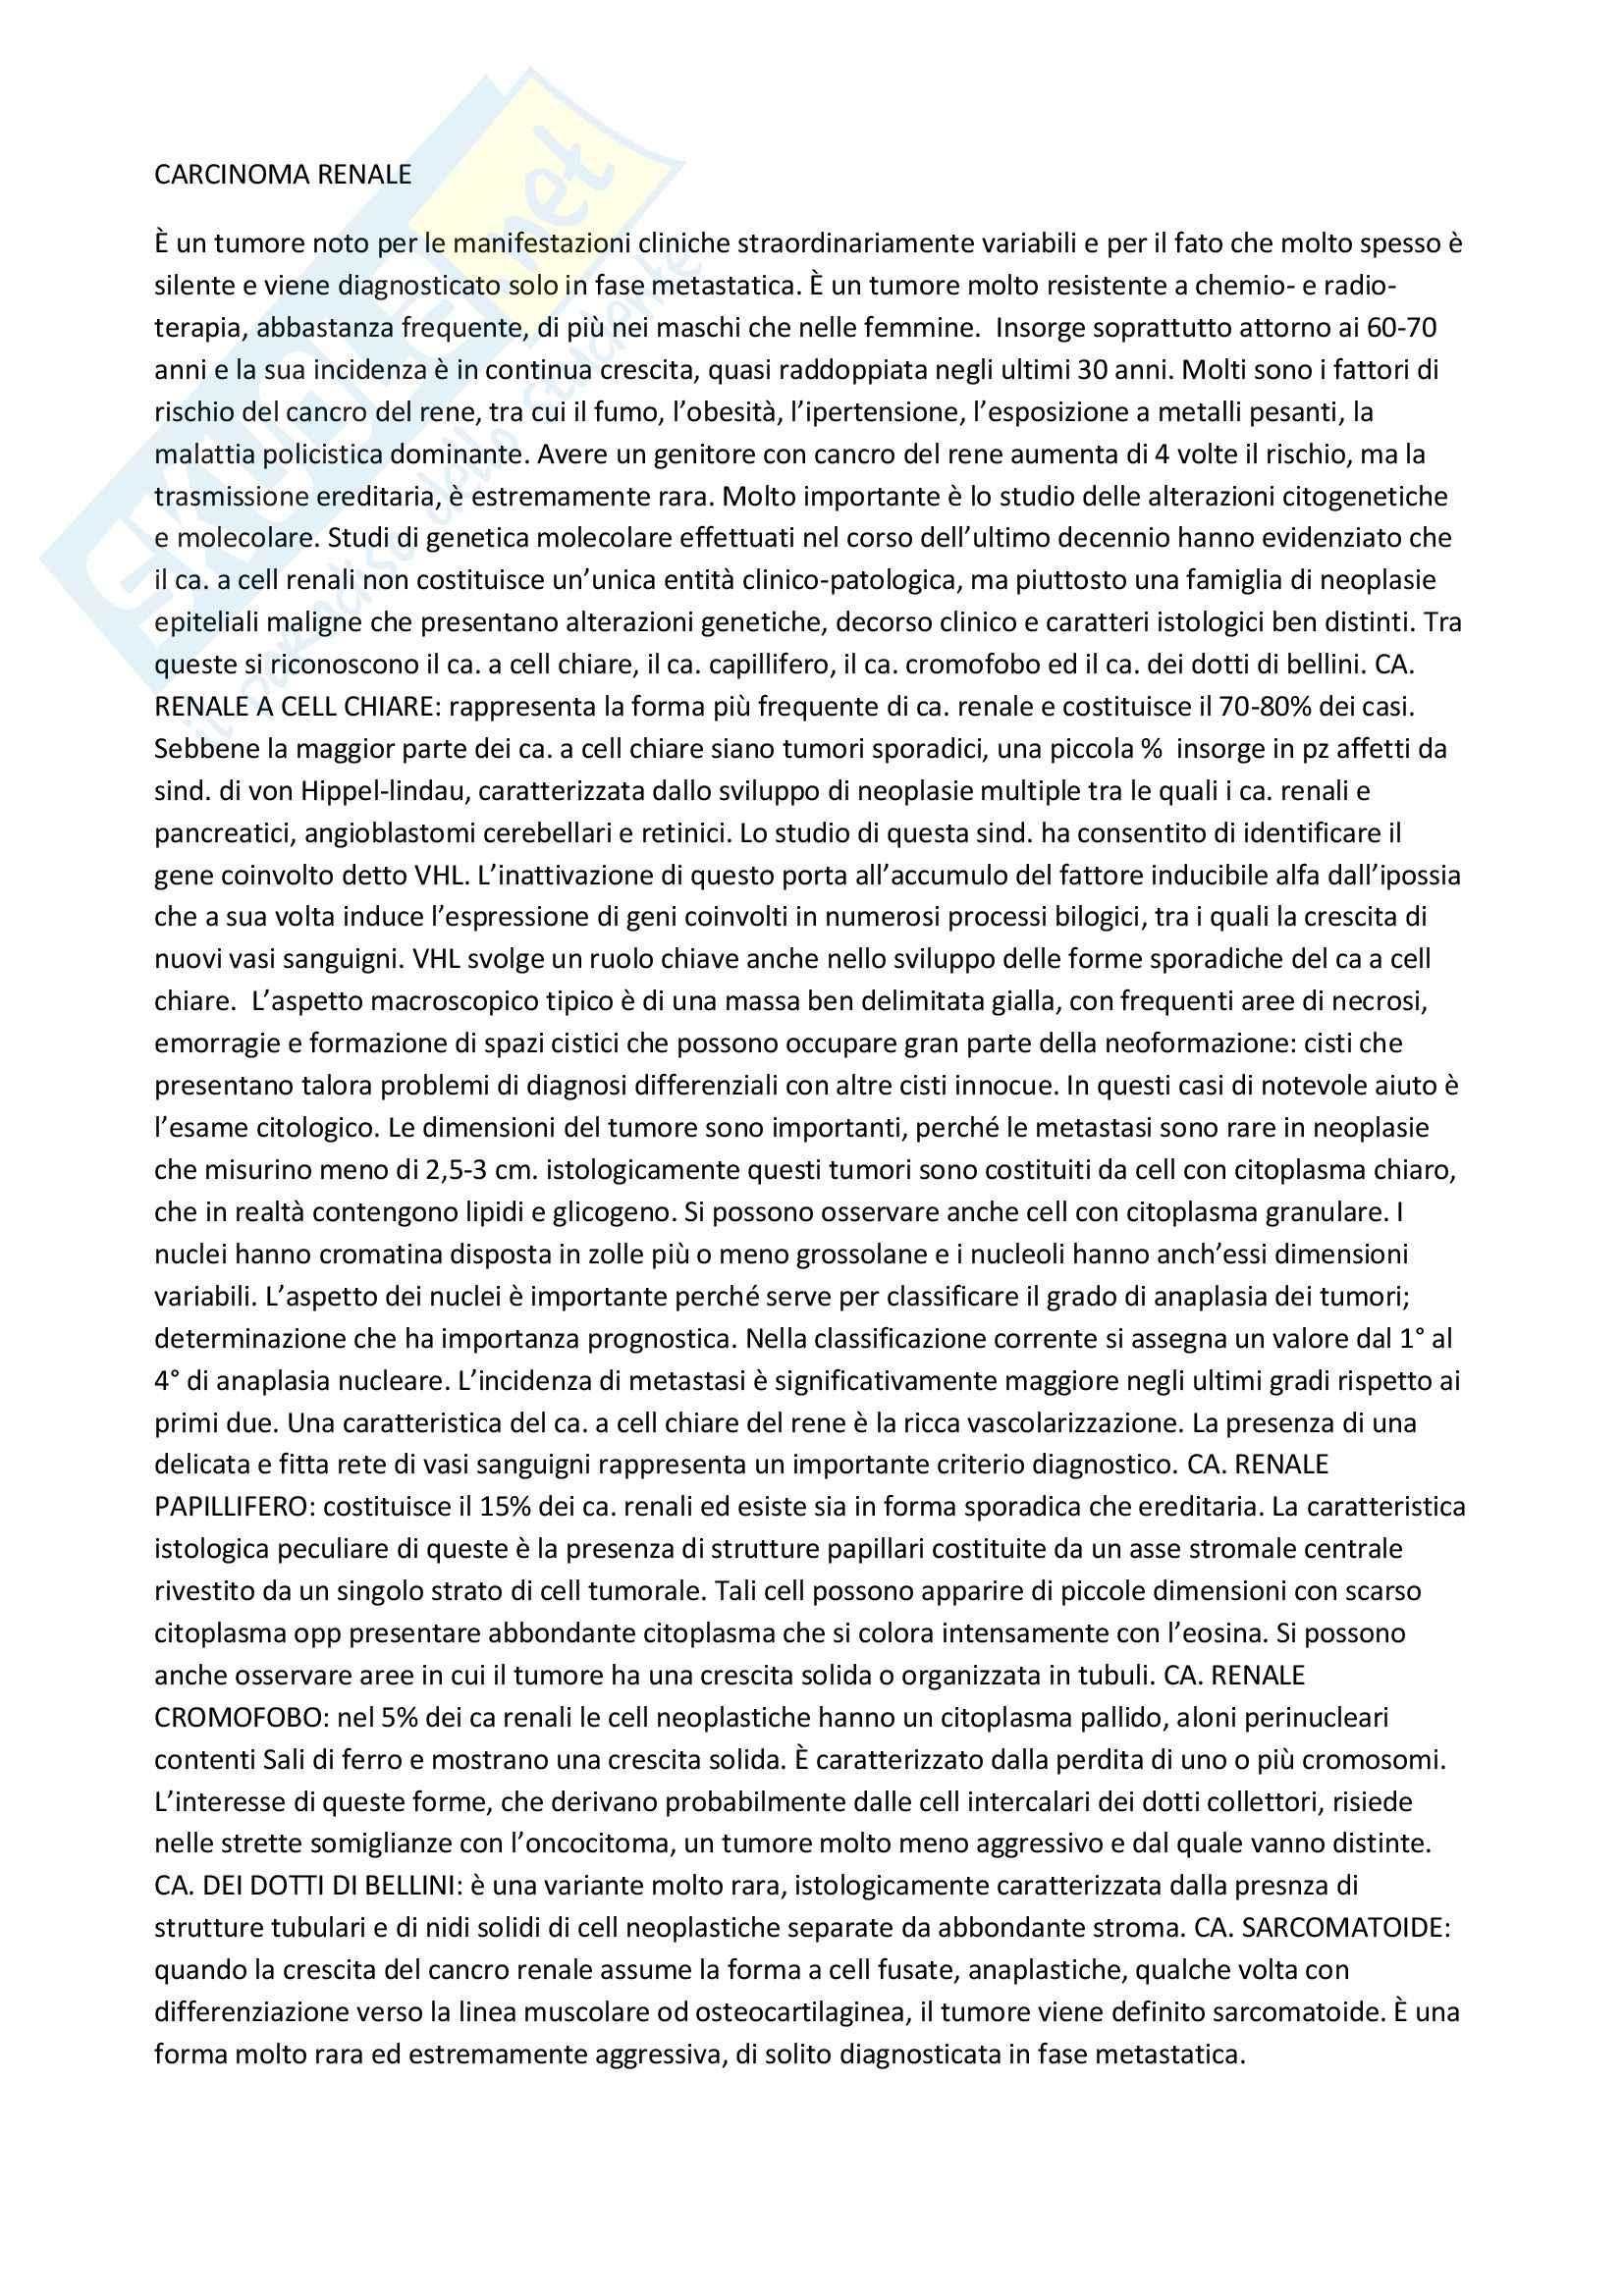 Anatomia patologica - il carcinoma renale